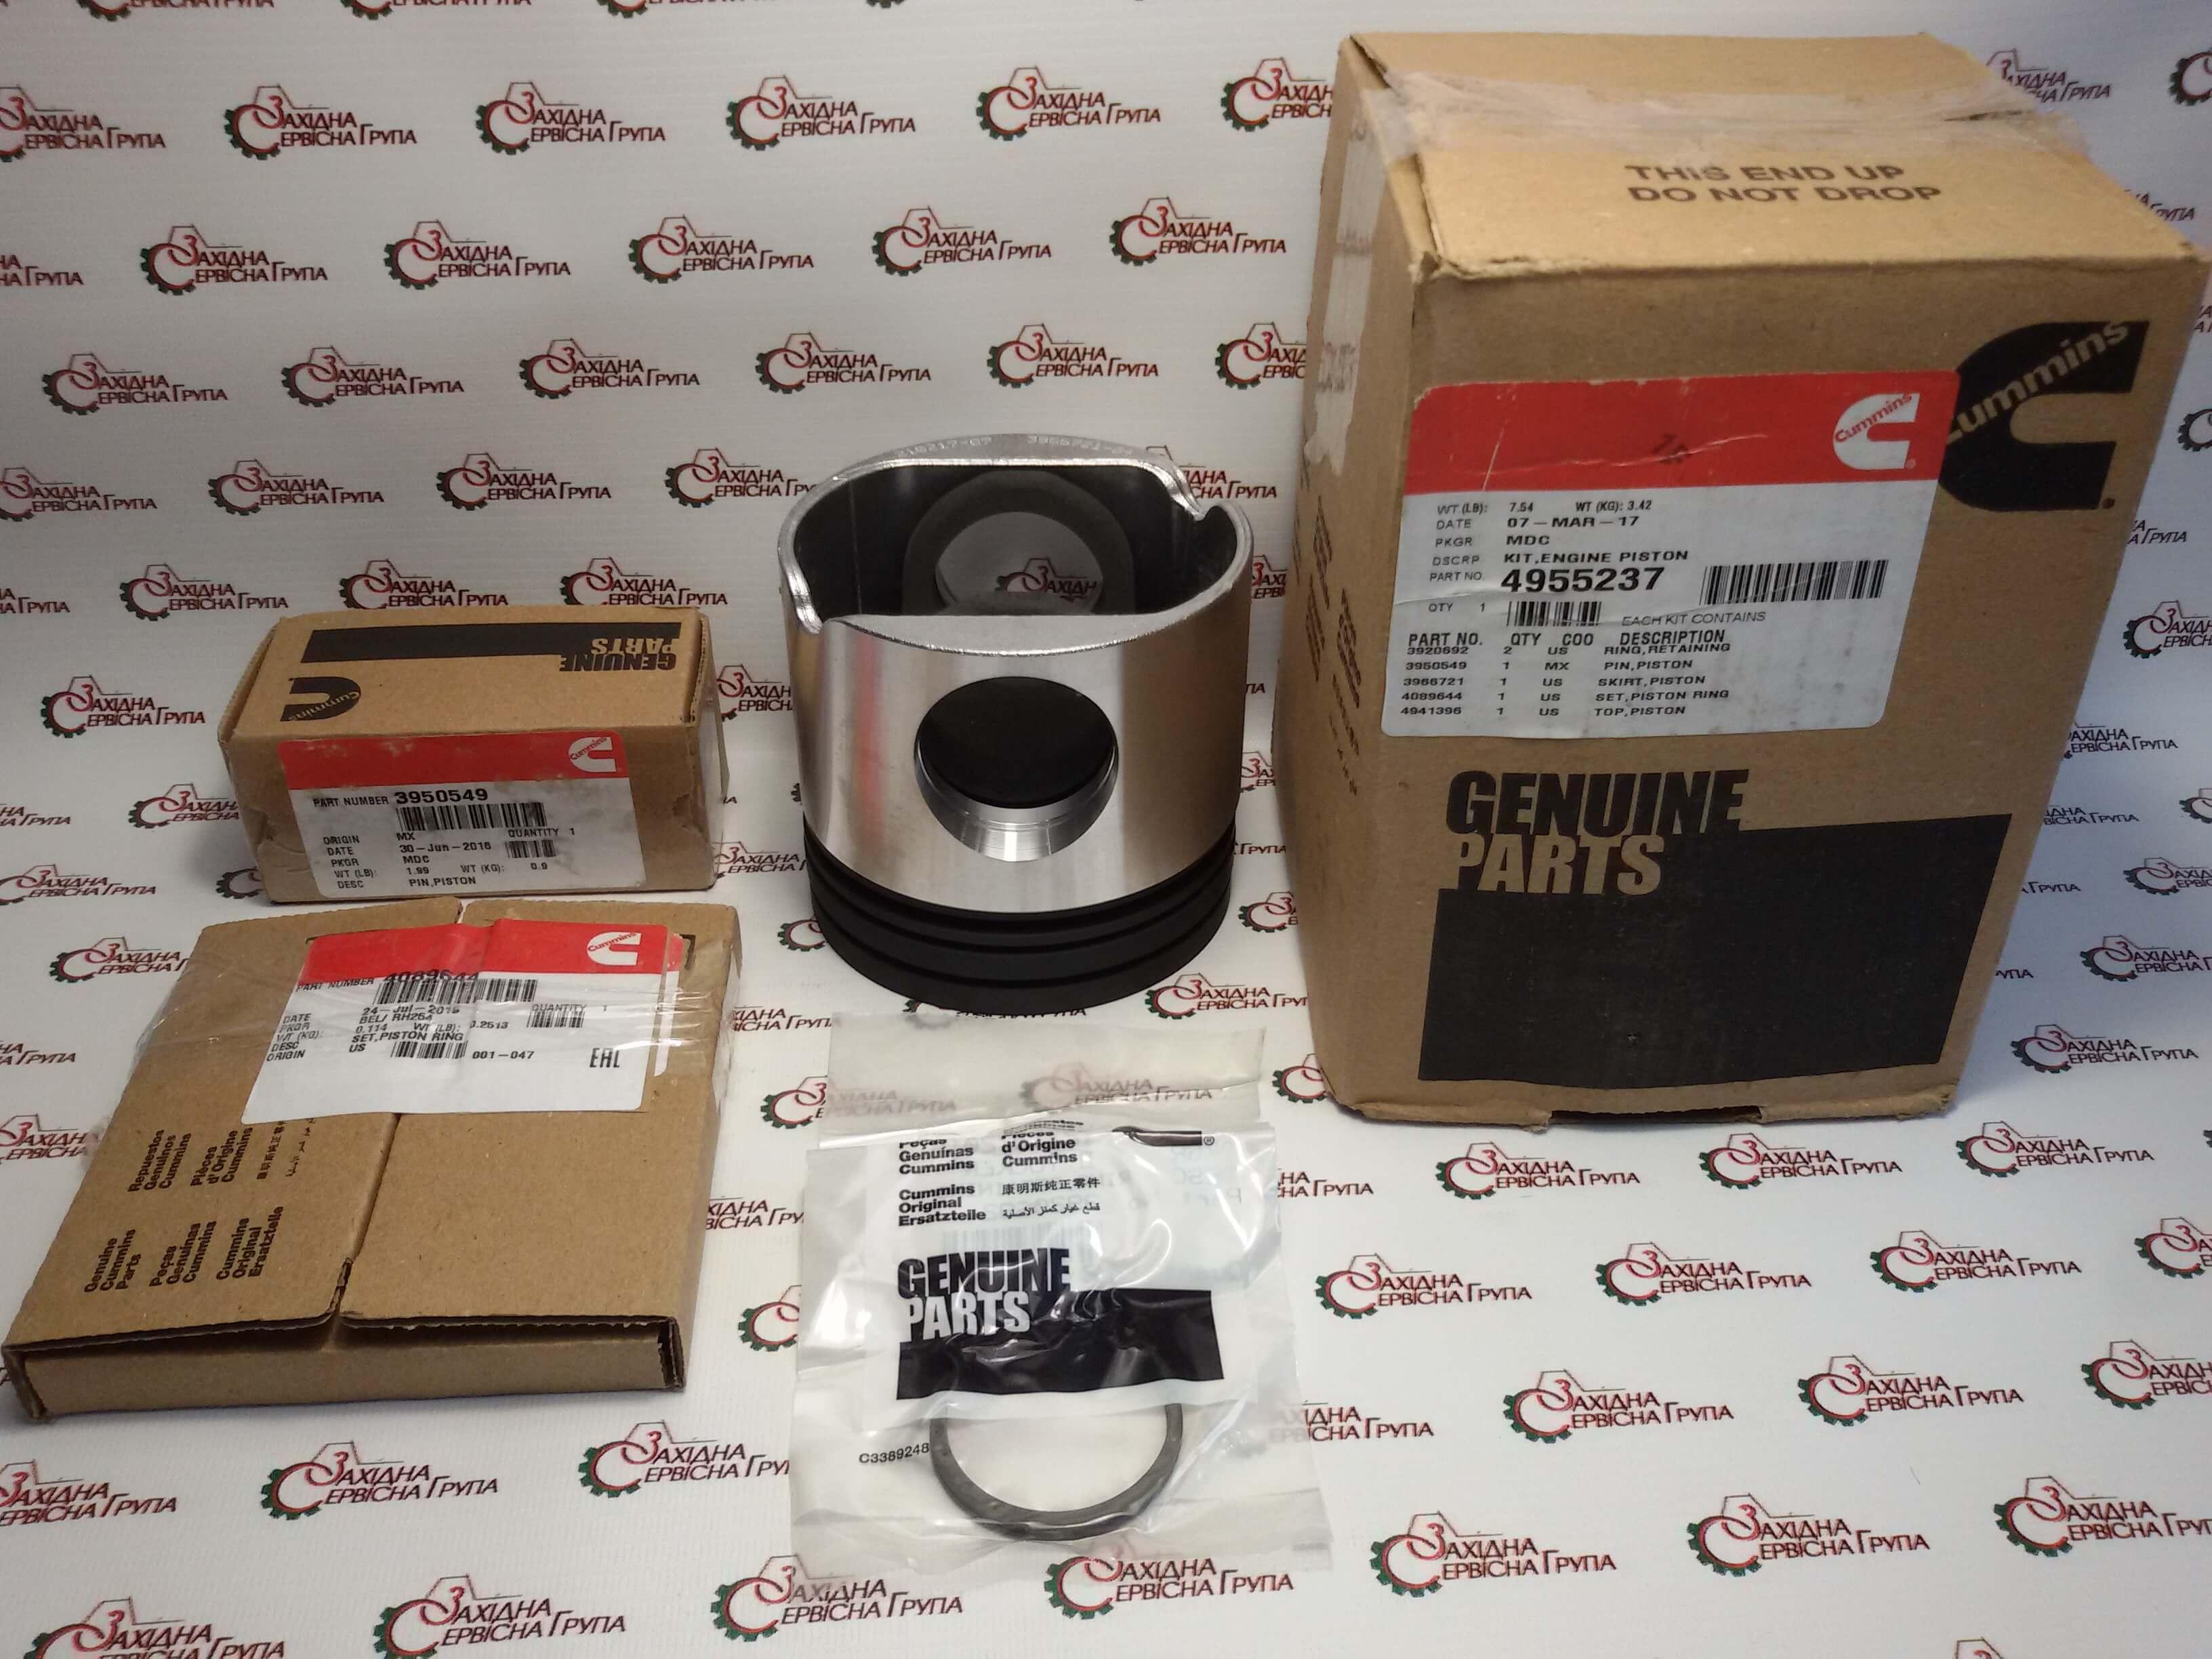 Комплект поршня двигуна Cummins QSL9, 4955237, 4941396, 4940794, 4934266.